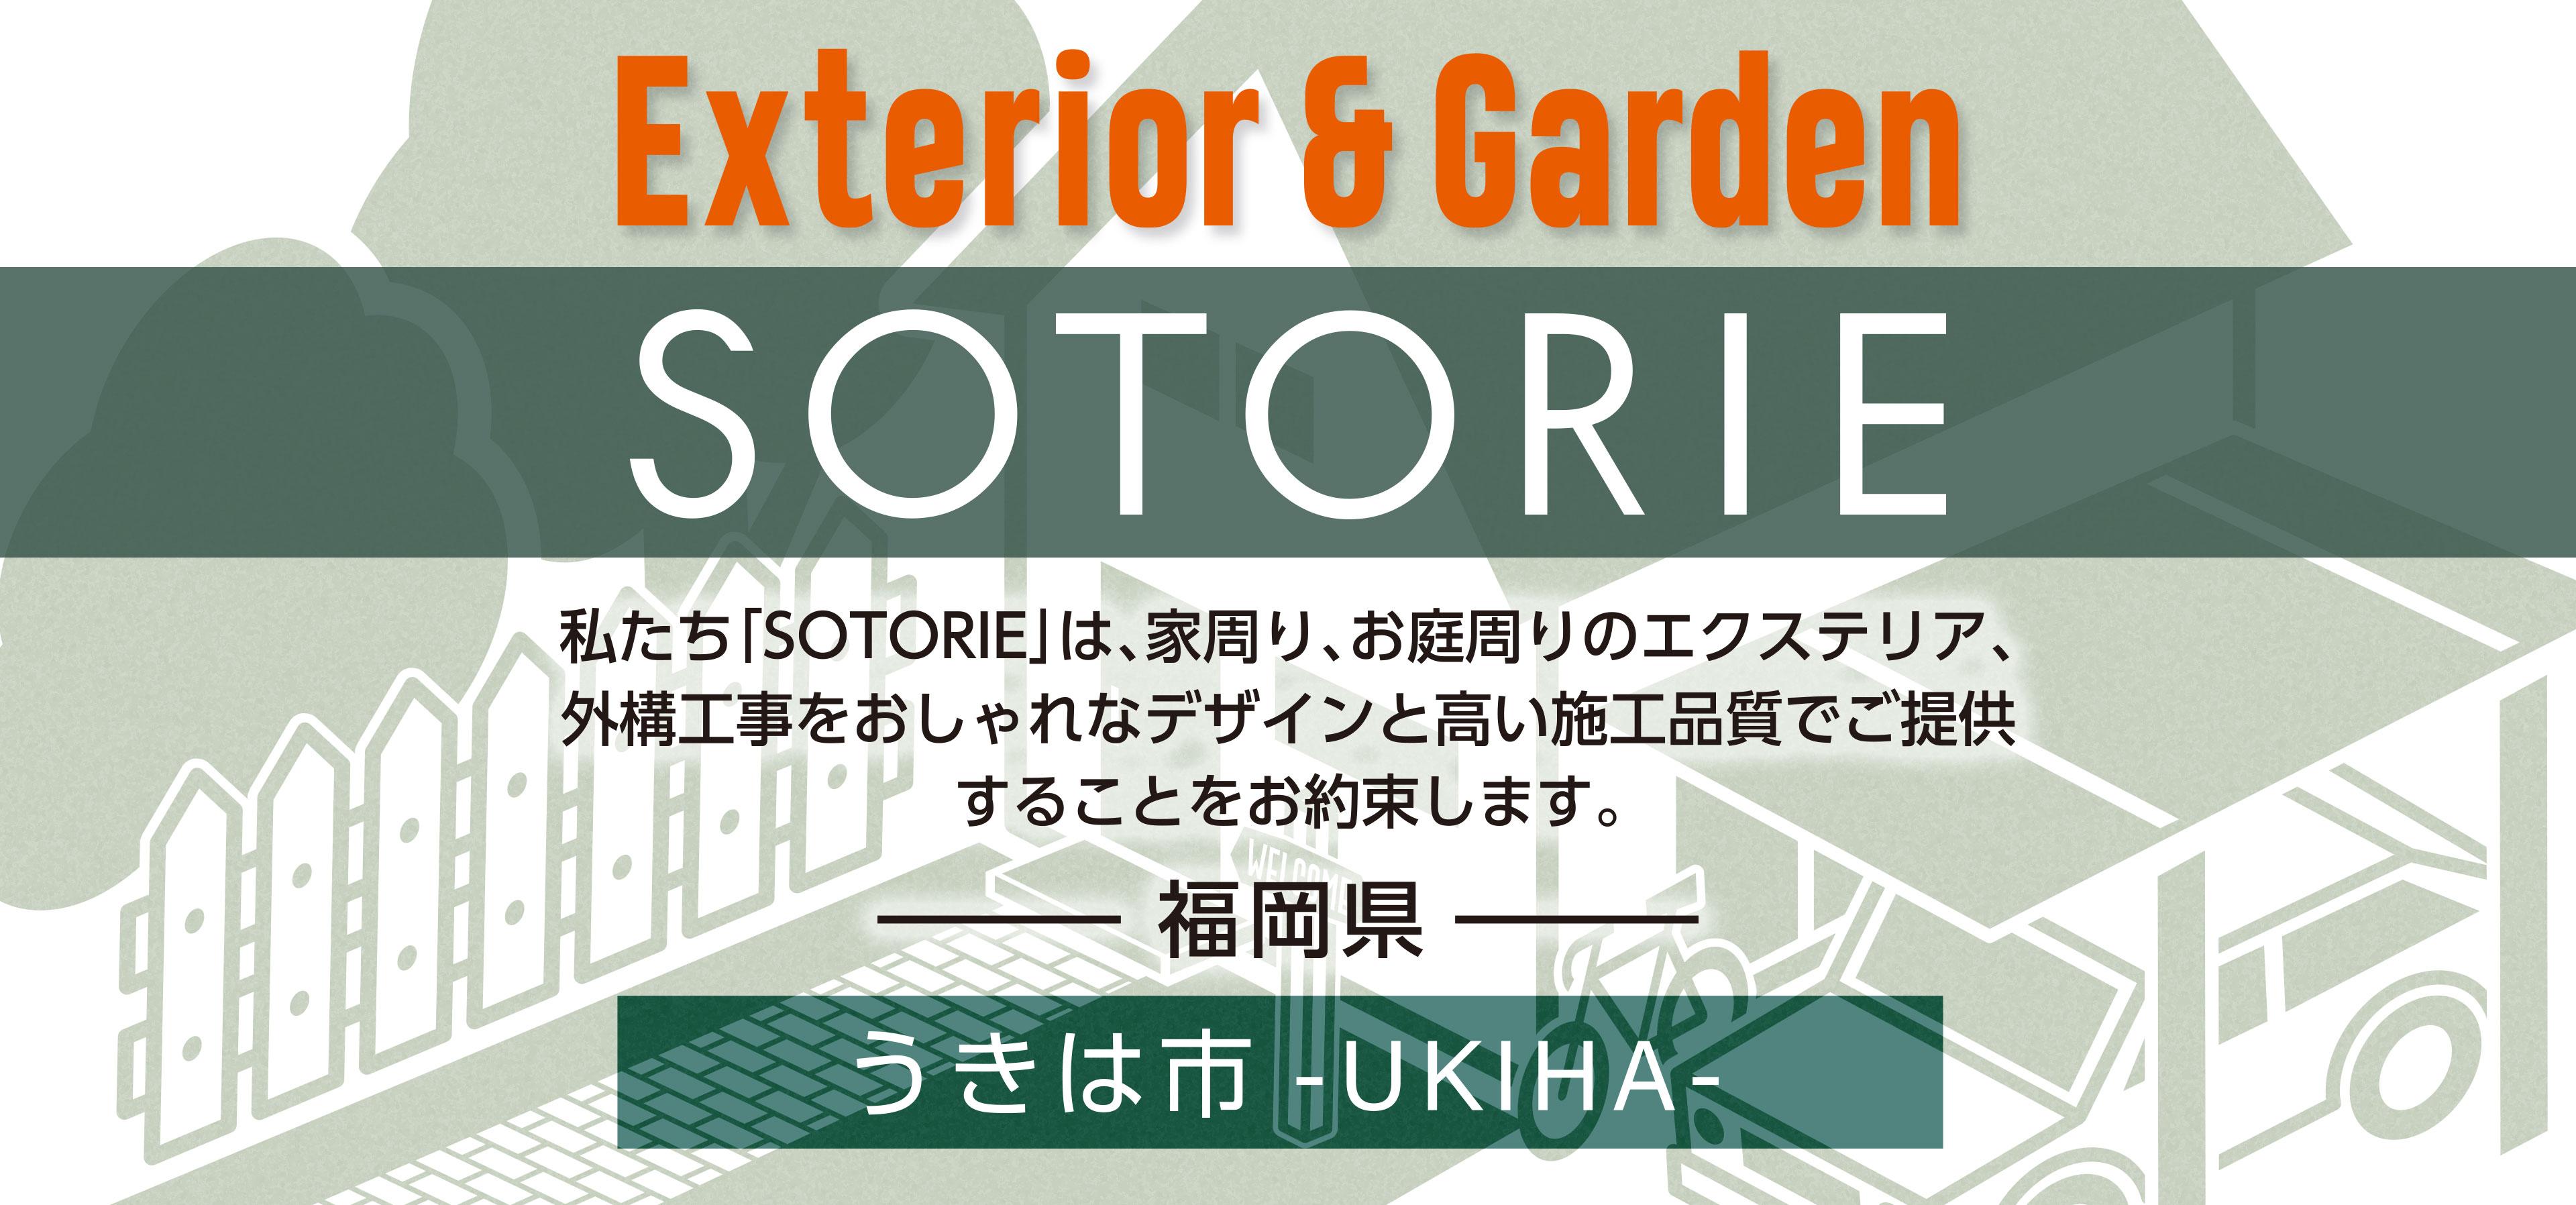 ソトリエうきは市では、家周りと庭周りの外構、エクステリア工事をおしゃれなデザインと高い施工品質でご提供することをお約束します。